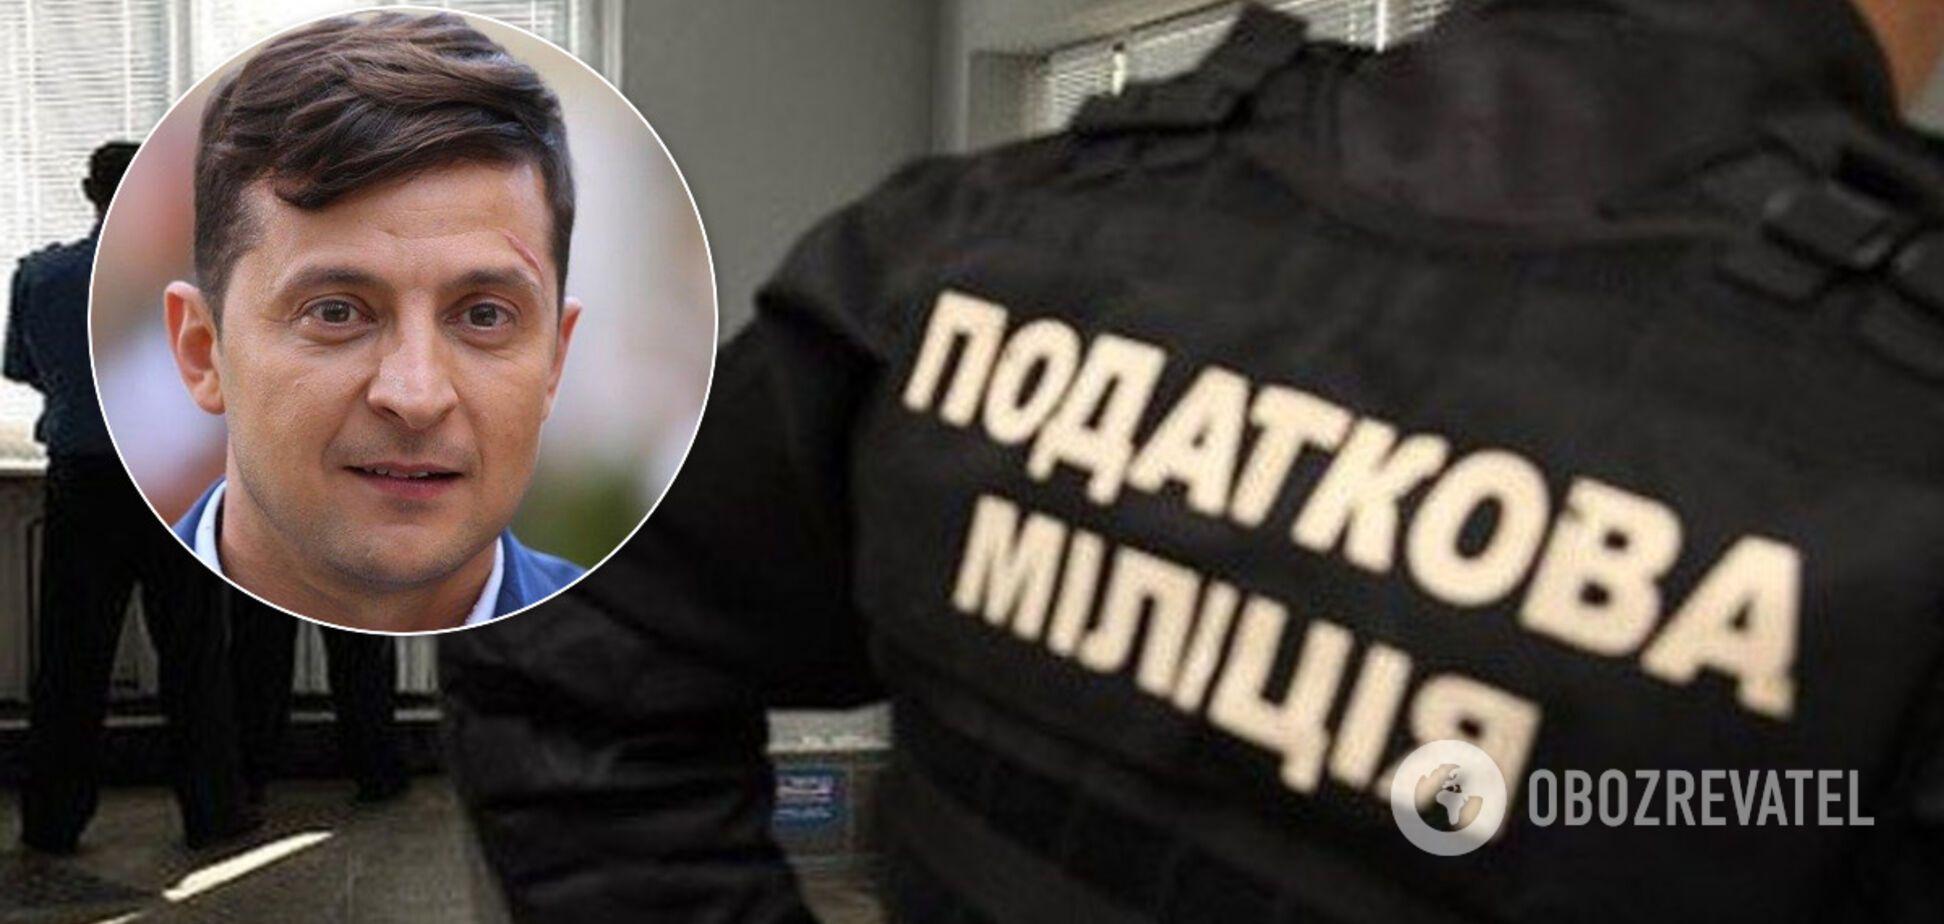 Как Зеленский провалил ликвидацию налоговой милиции и увеличил вдвое ее финансирование: расследование СМИ